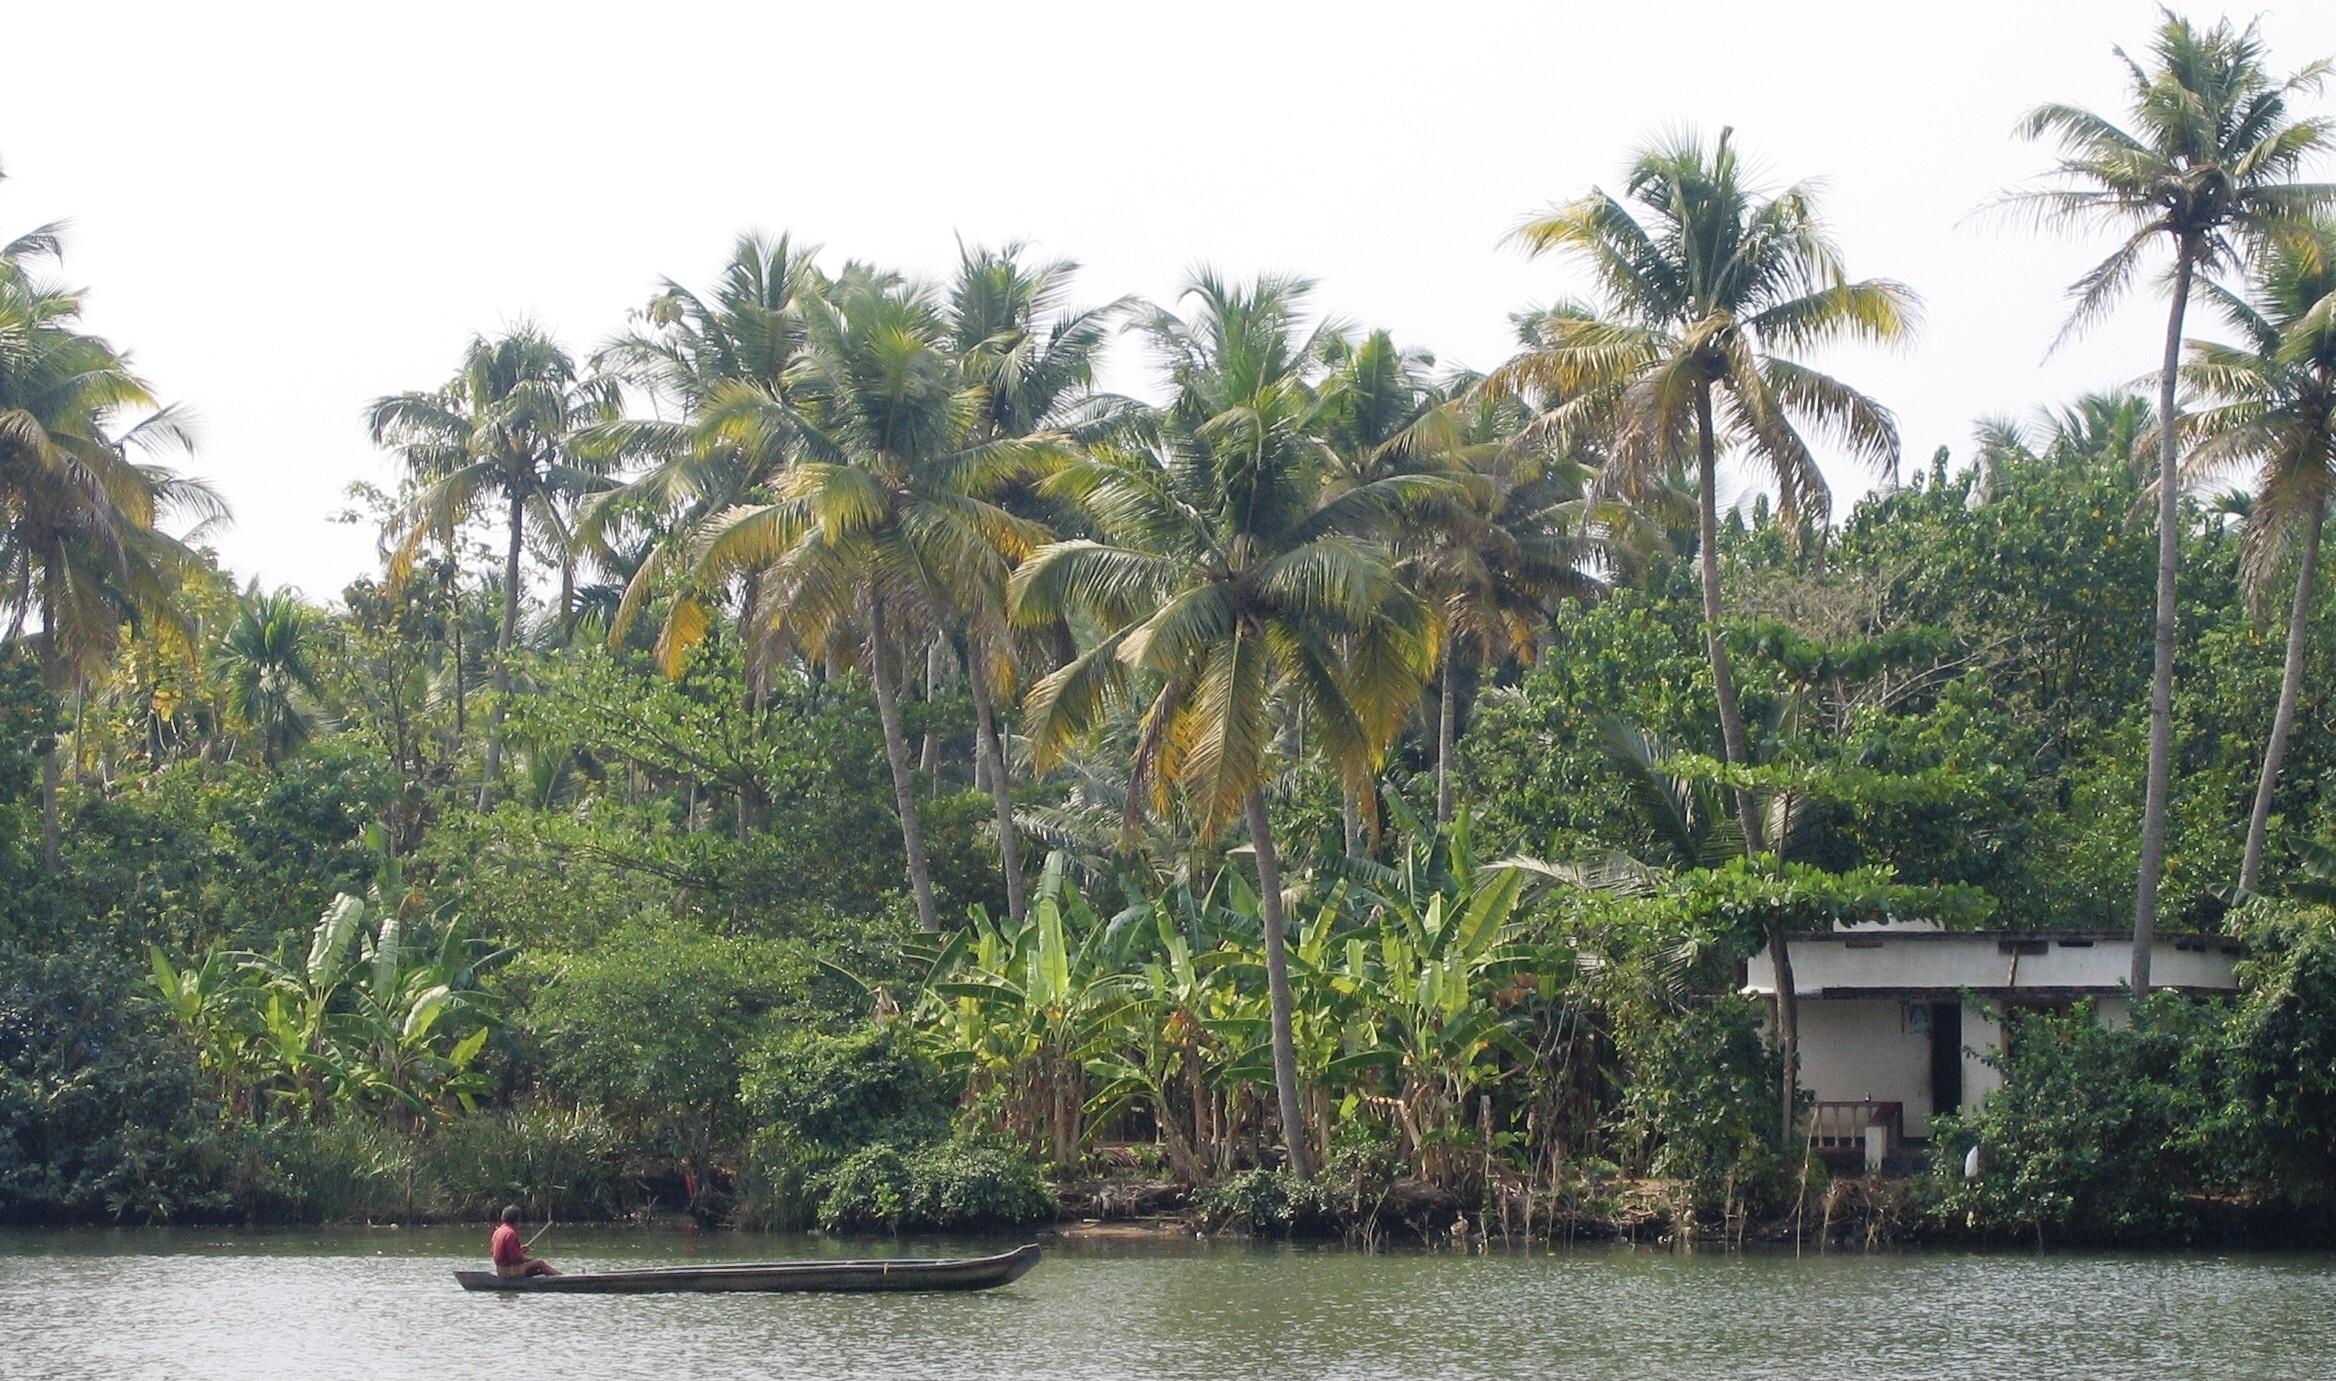 Vegetation - trees along a river